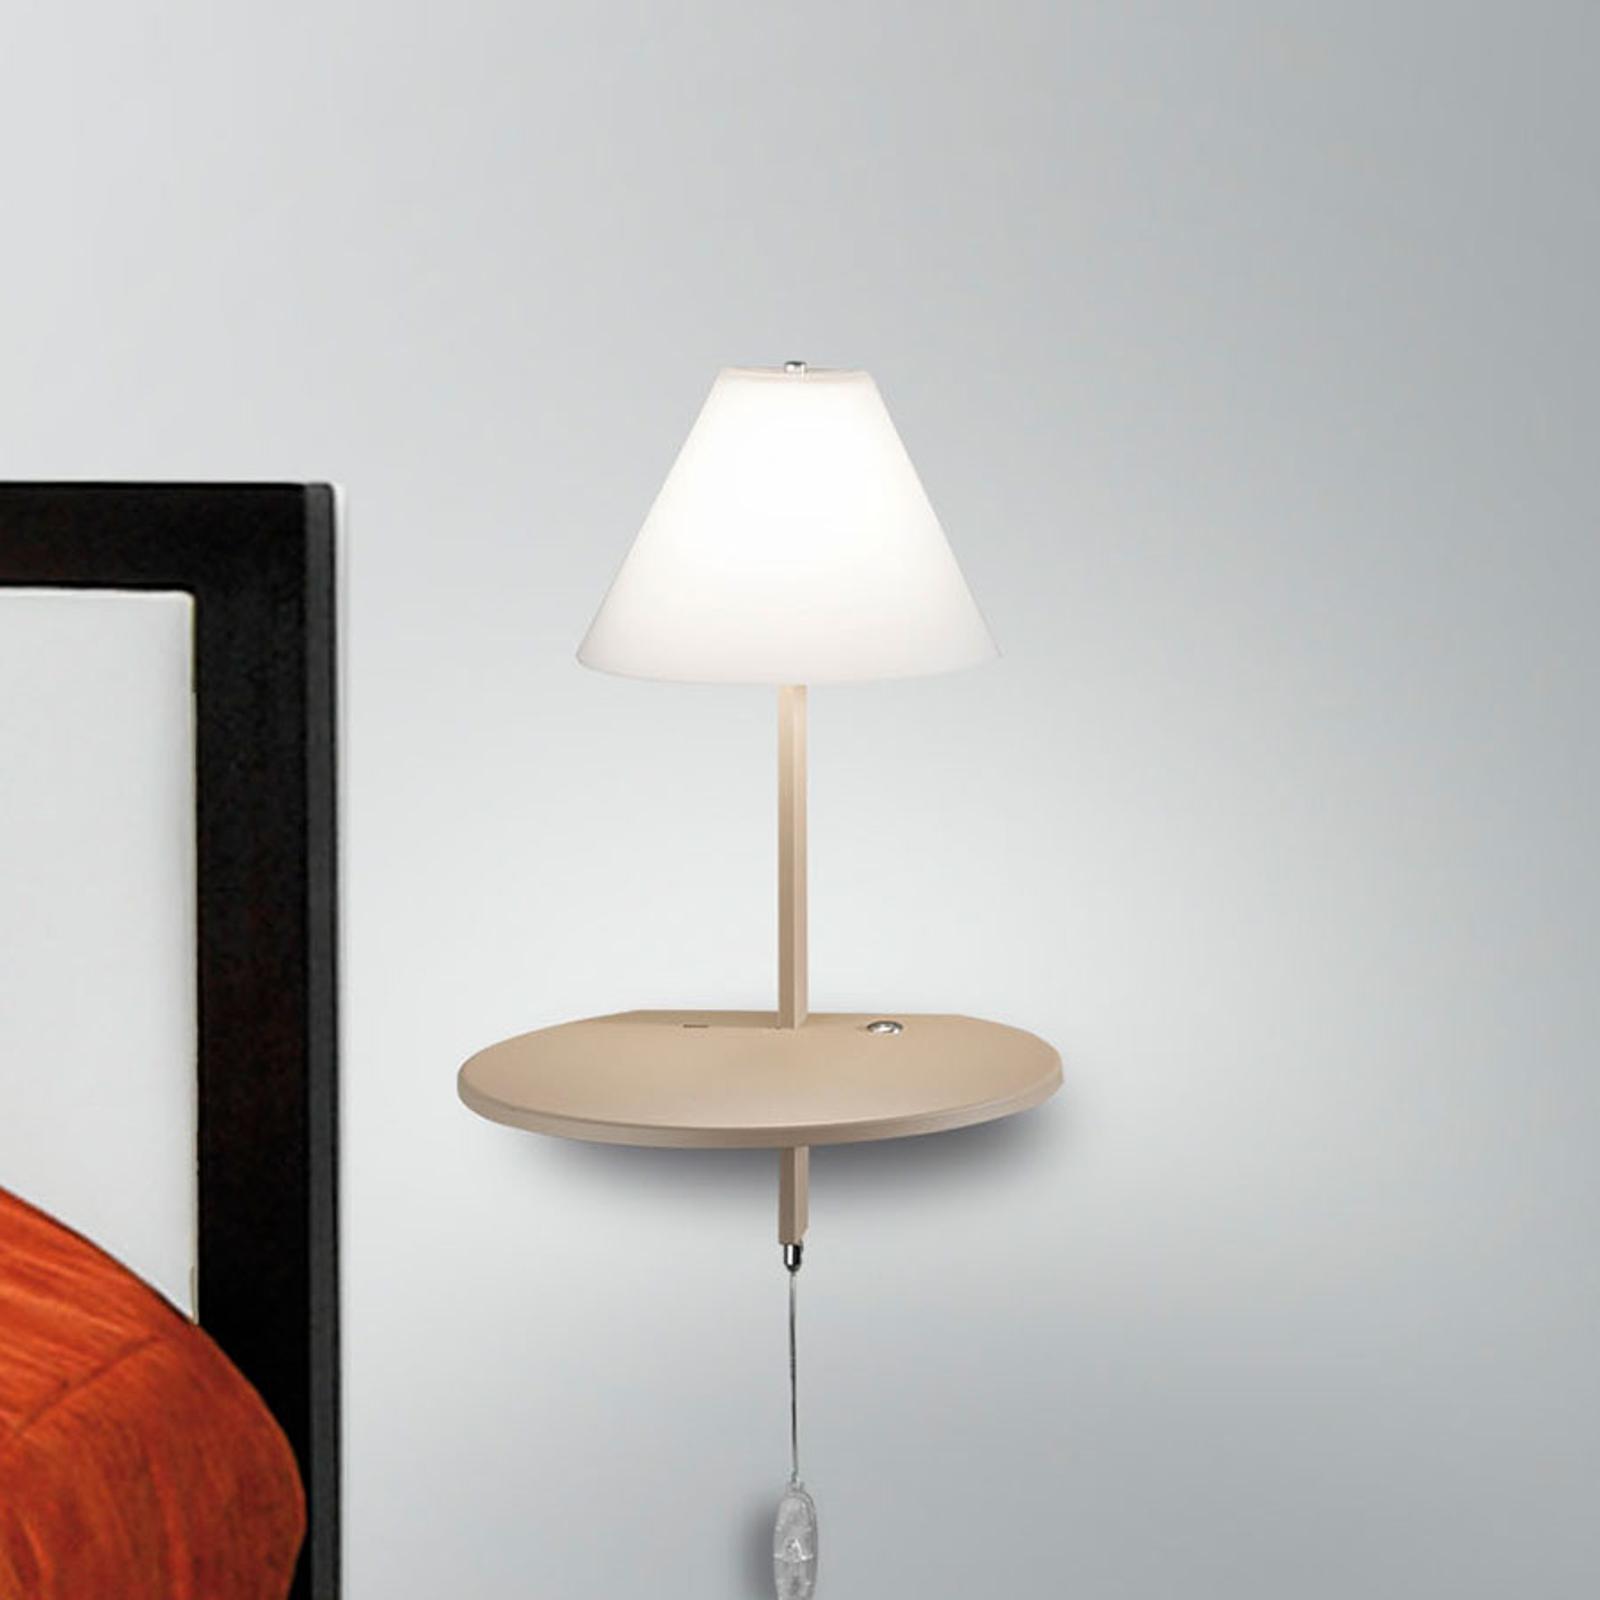 LED wandlamp Goodnight, USB-poort, wit-taupe